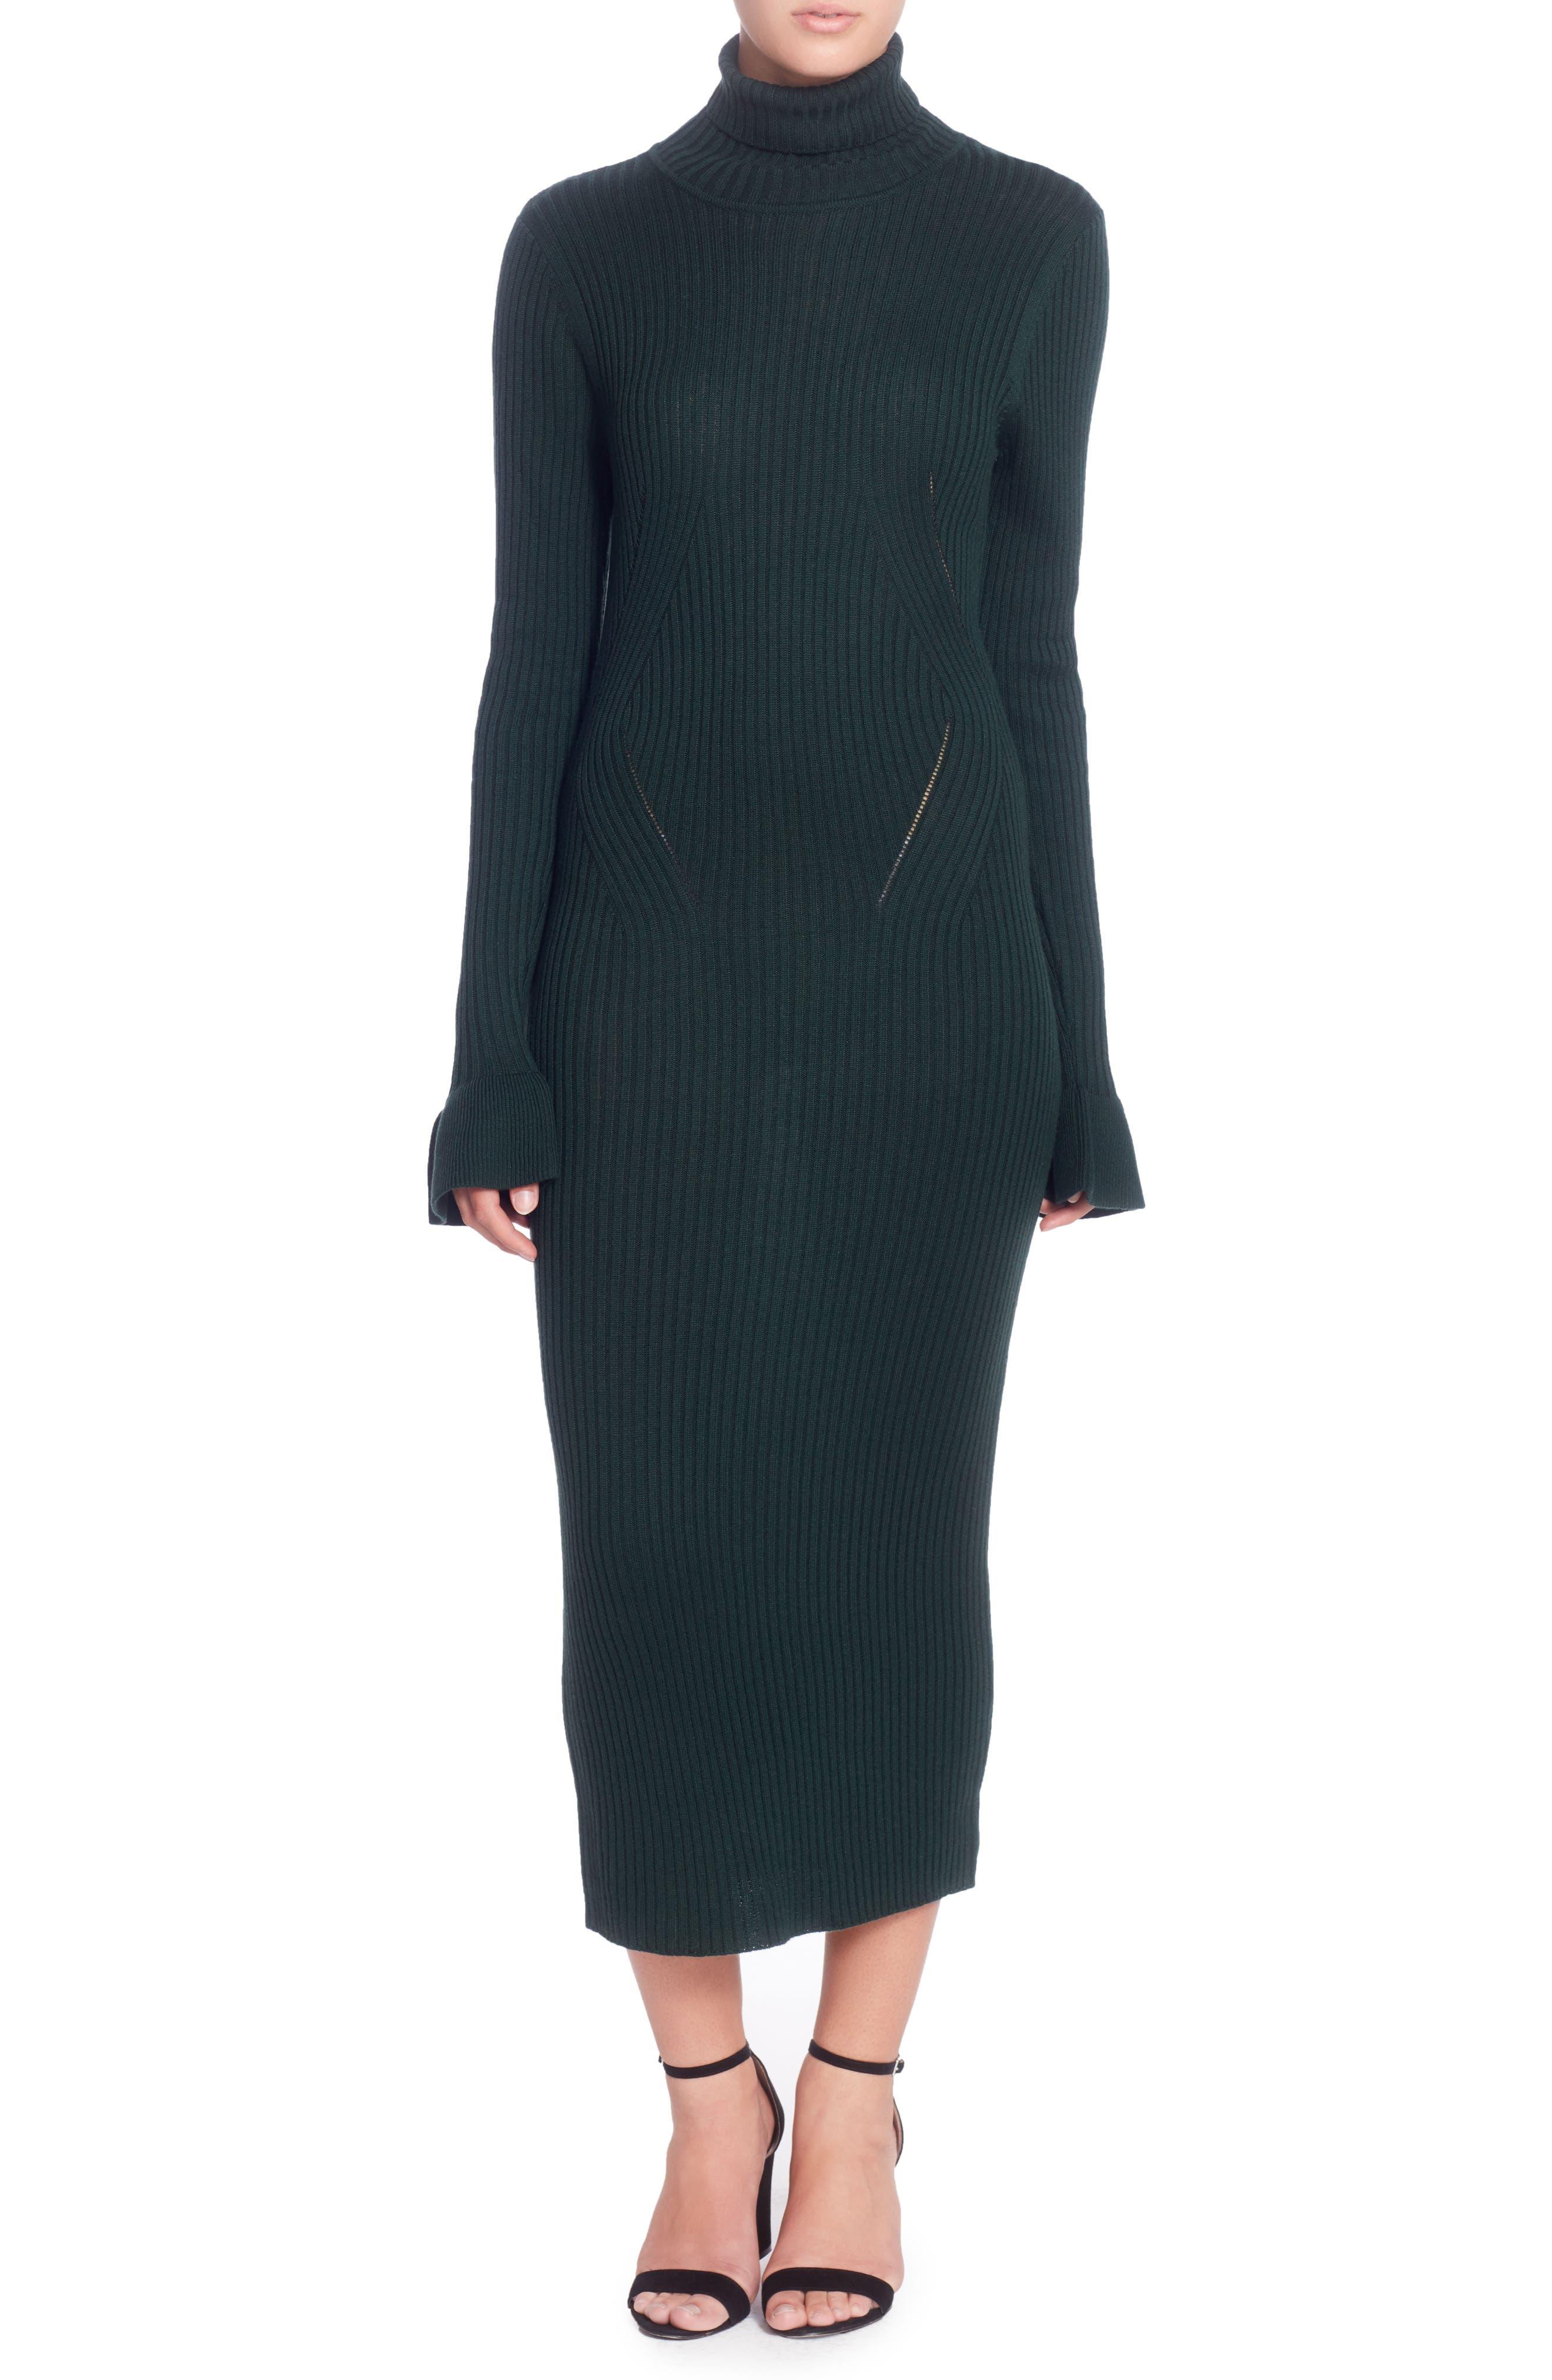 Alternate Image 1 Selected - Catherine Catherine Malandrino Camron Turtleneck Midi Dress